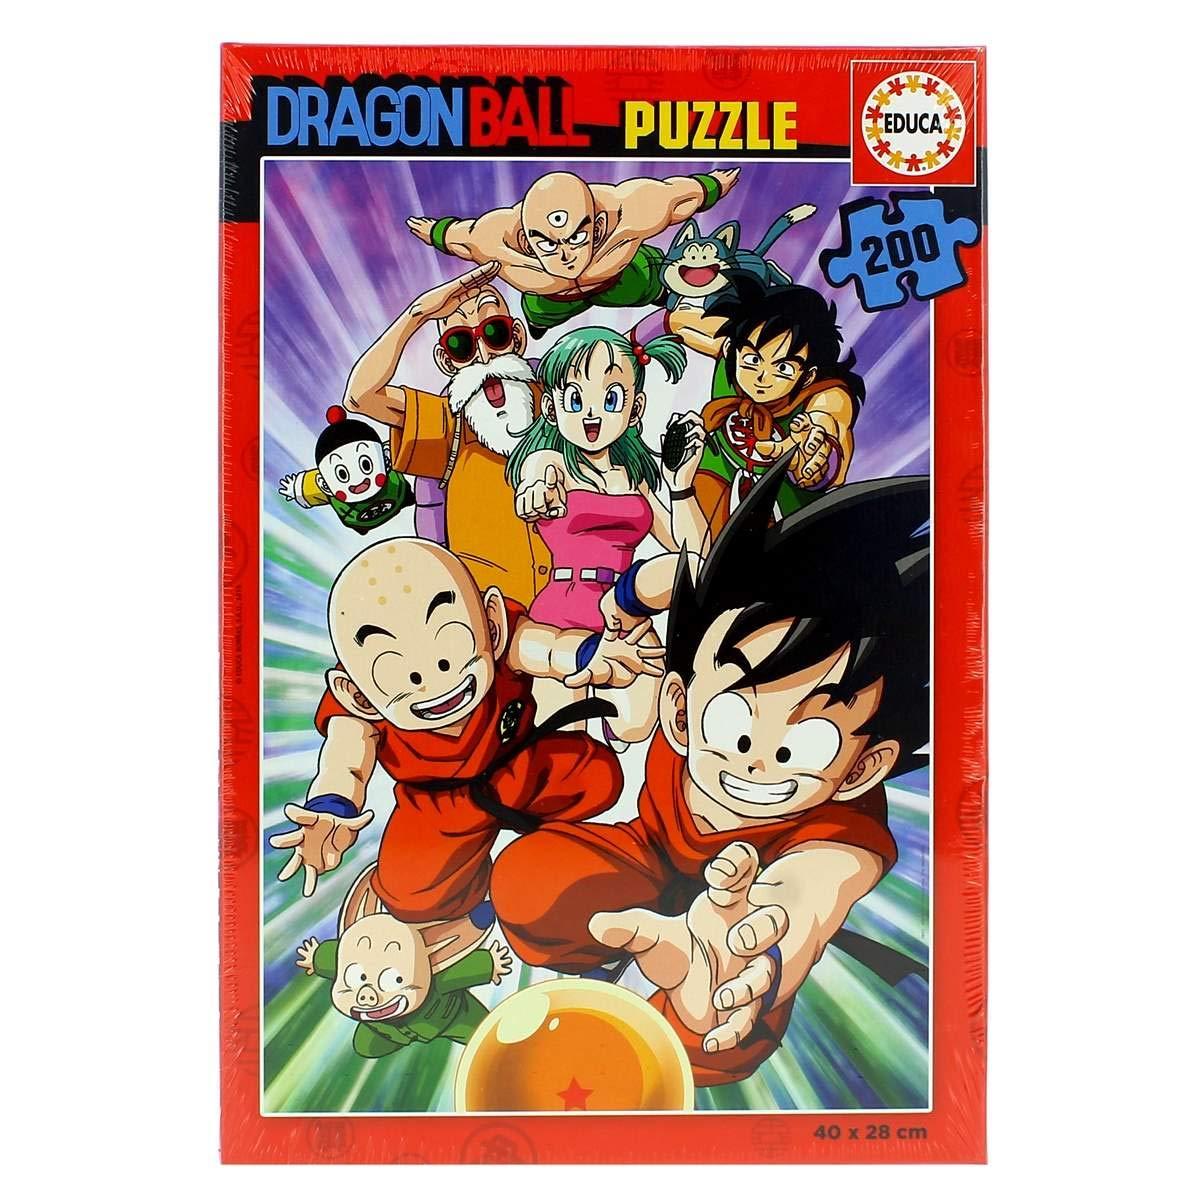 Educa Dragon Ball Puzzle Infantil de 200 Piezas, a Partir de 6 años (18215): Amazon.es: Juguetes y juegos